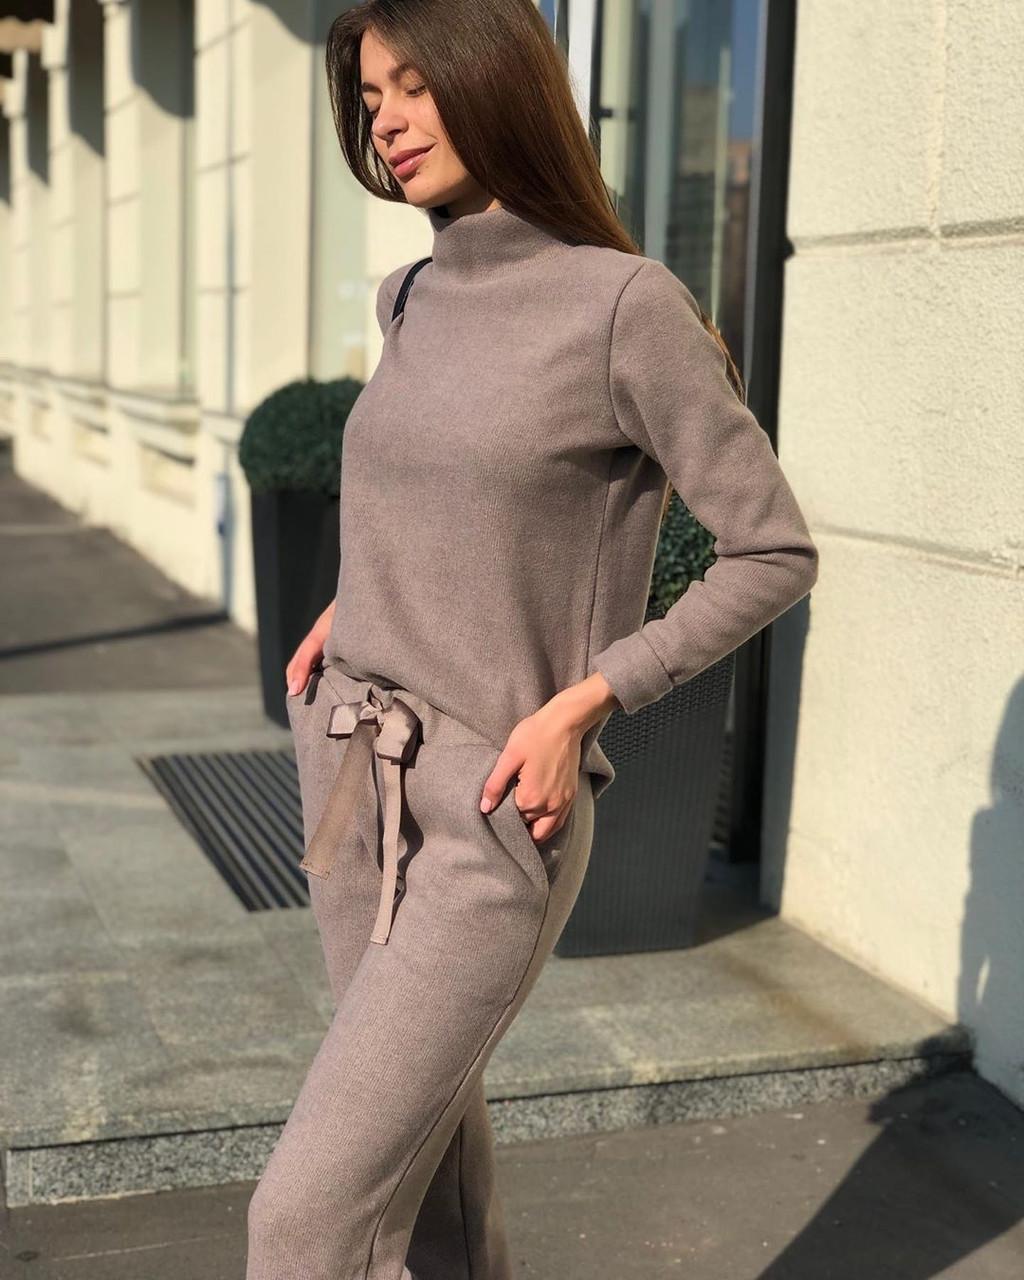 Теплый прогулочный костюм вязаный трикотажный шерстяной спортивный кофейный мокко коричневый серый